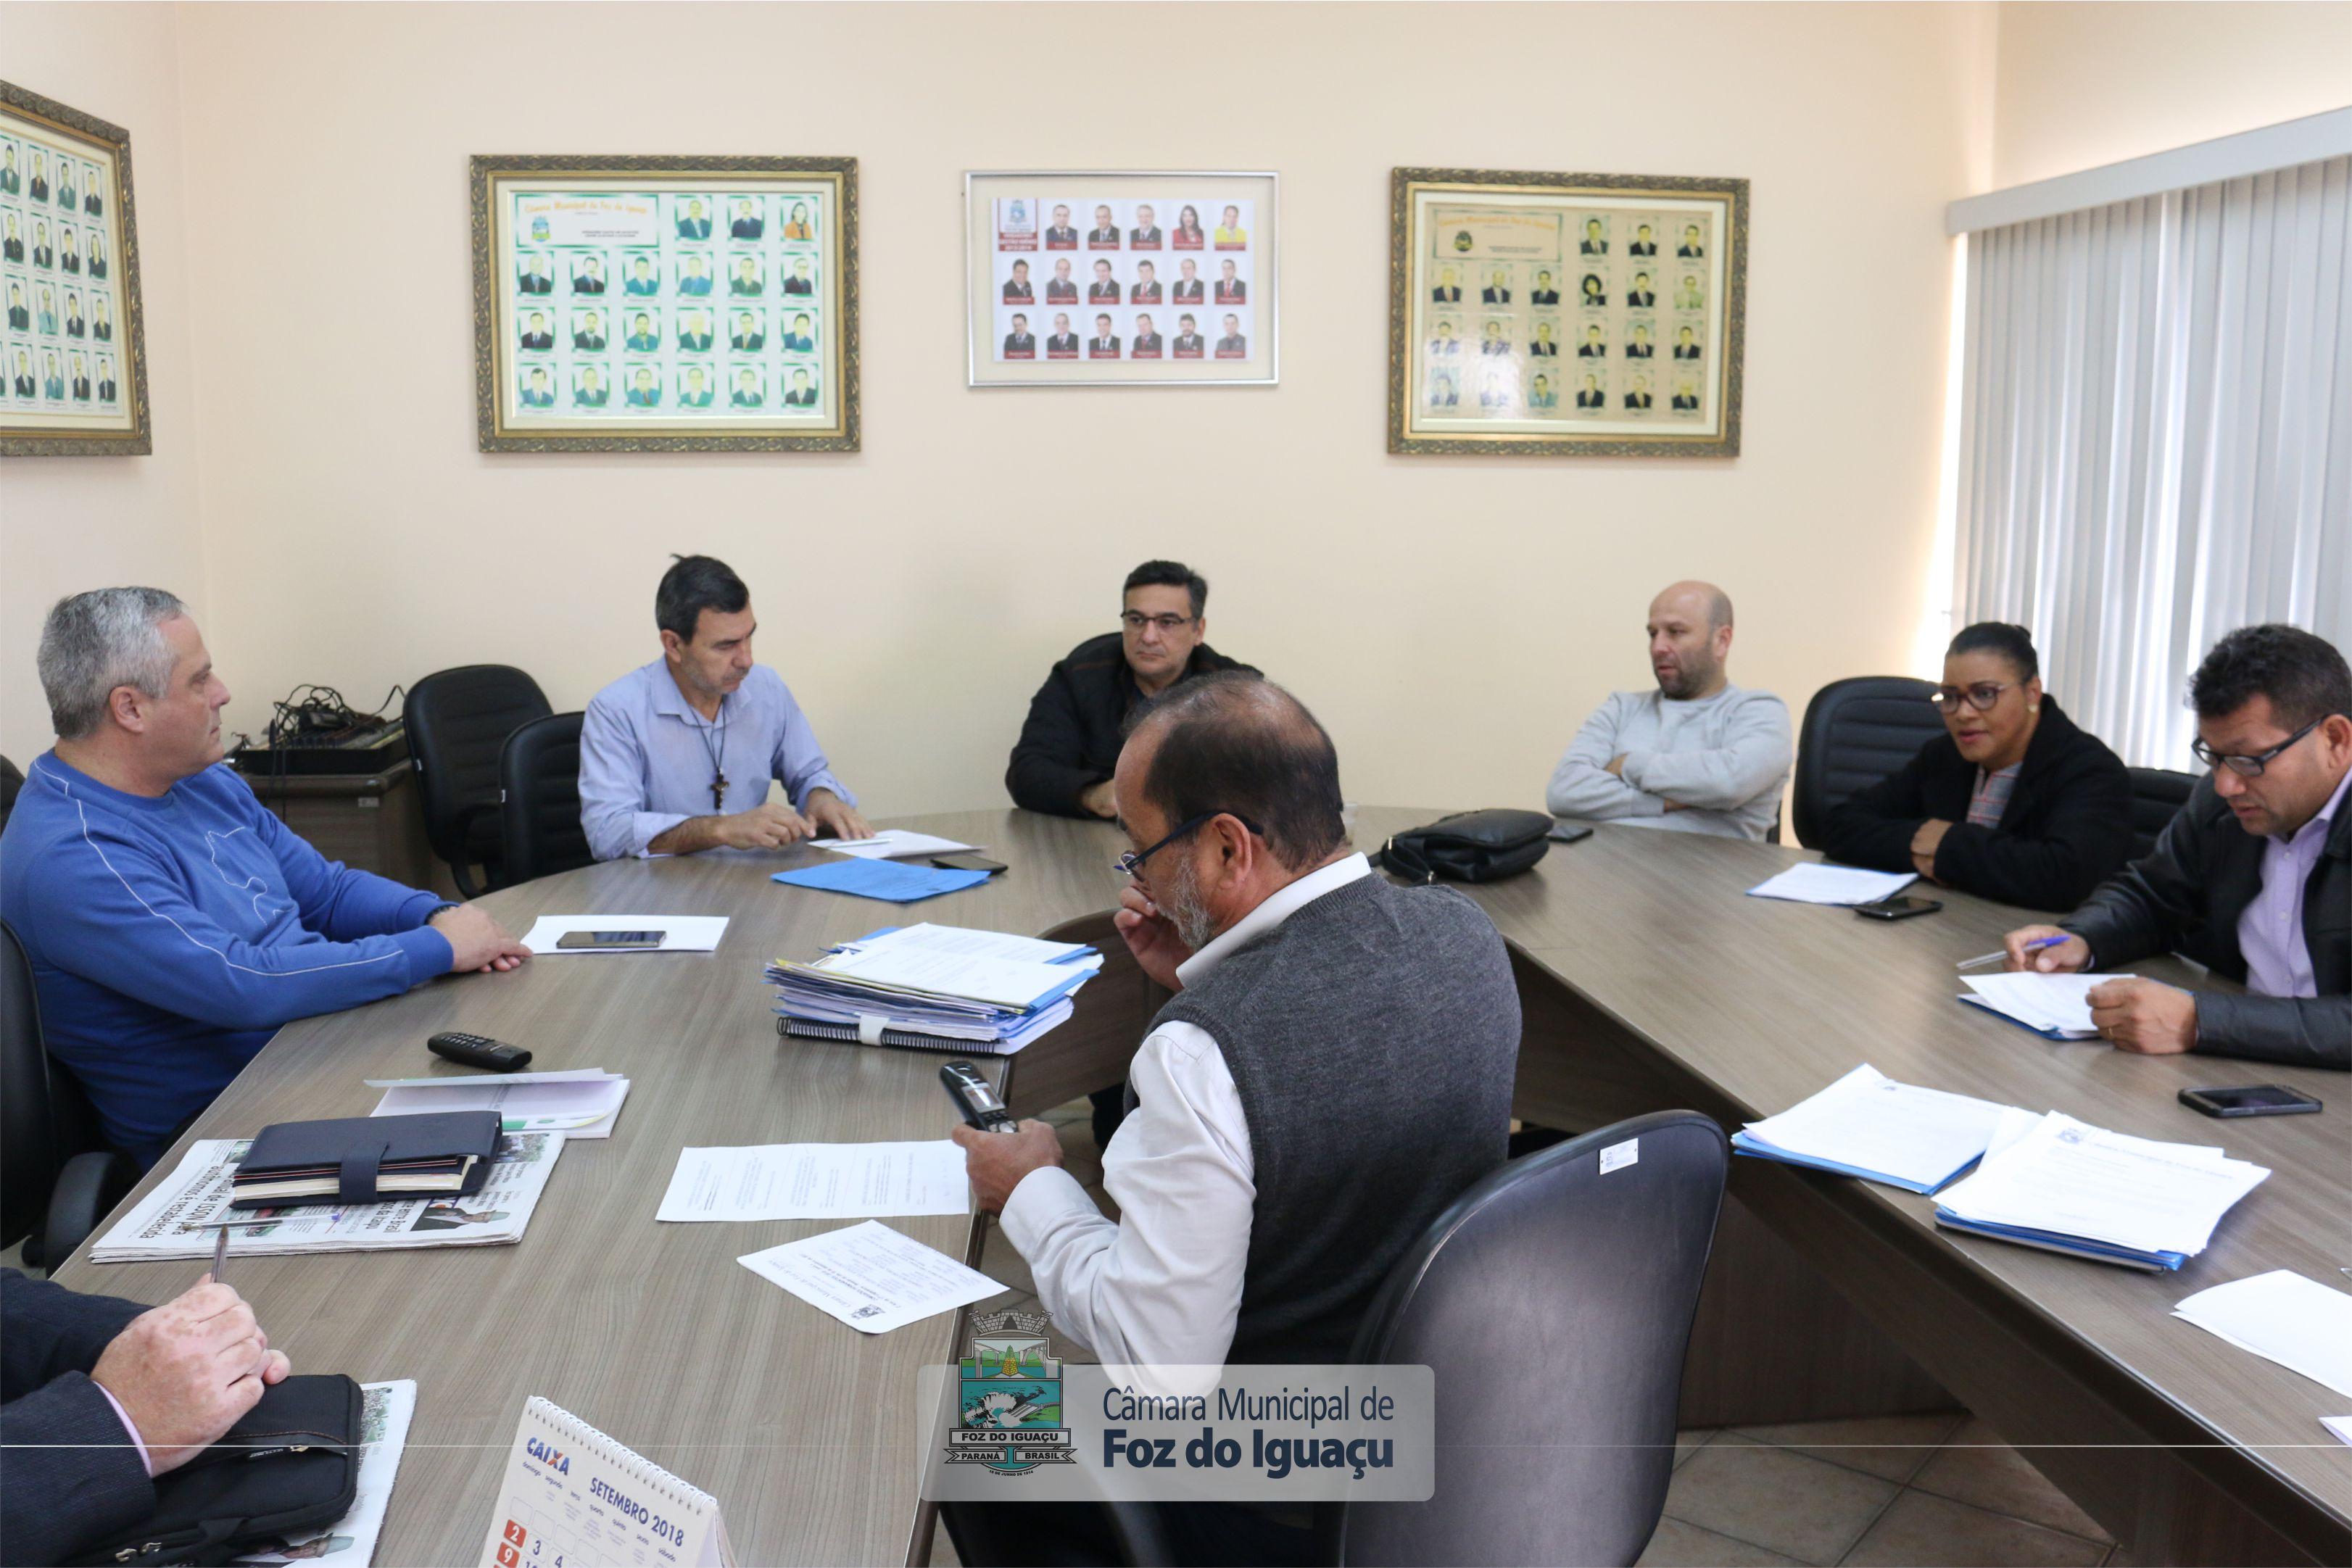 Vereadores vão aguardar parecer da Procuradoria para votar projeto do empréstimo de R$ 5 milhões